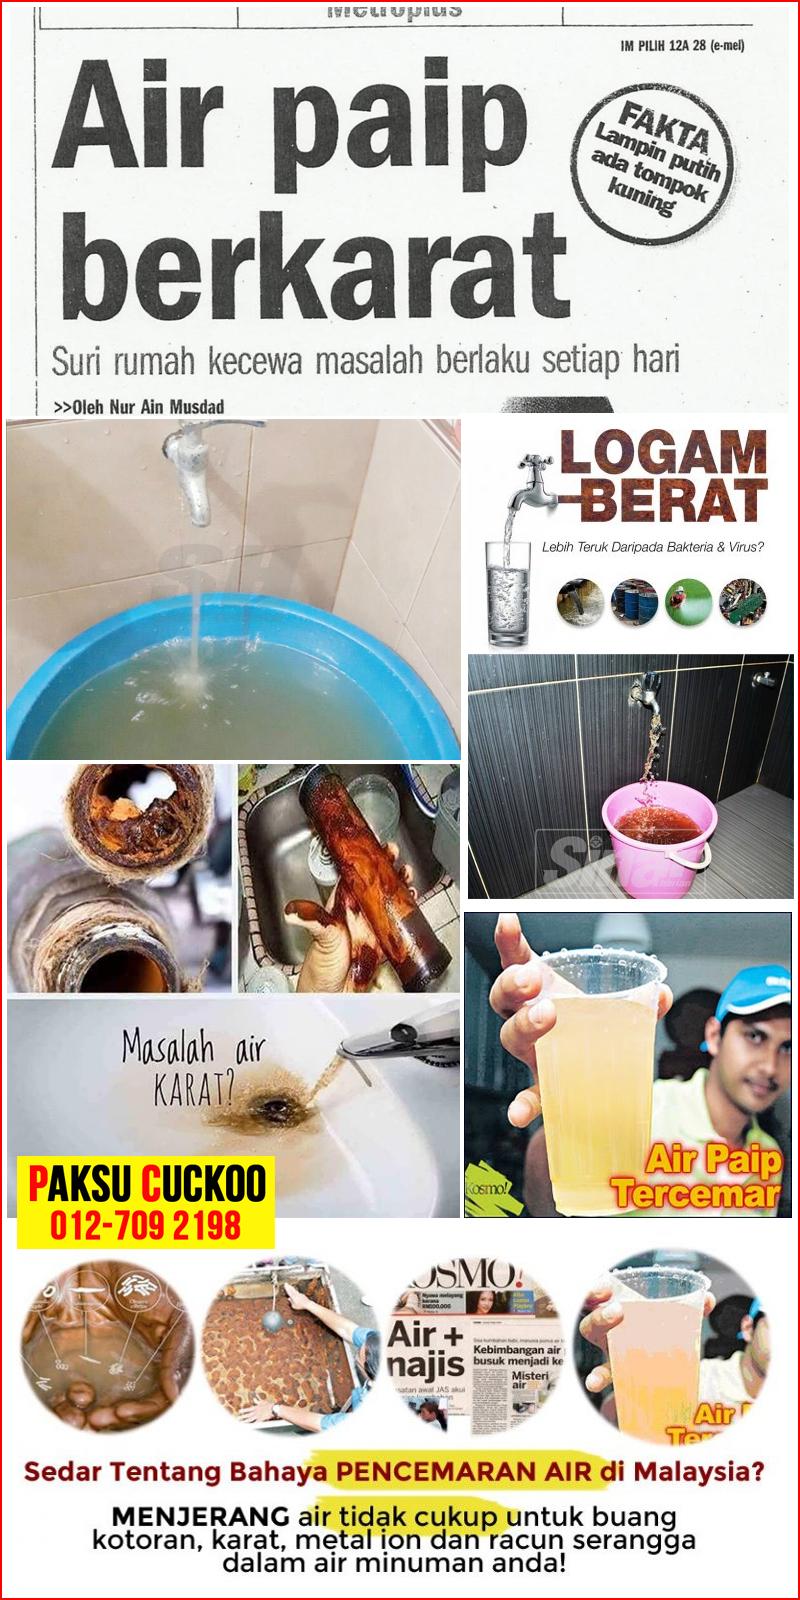 semua rumah di malaysia memerlukan cuckoo outdoor water purifier kedah alor setar mesin penulen air luar rumah untuk membersihkan air yang masuk ke dalam rumah bersih